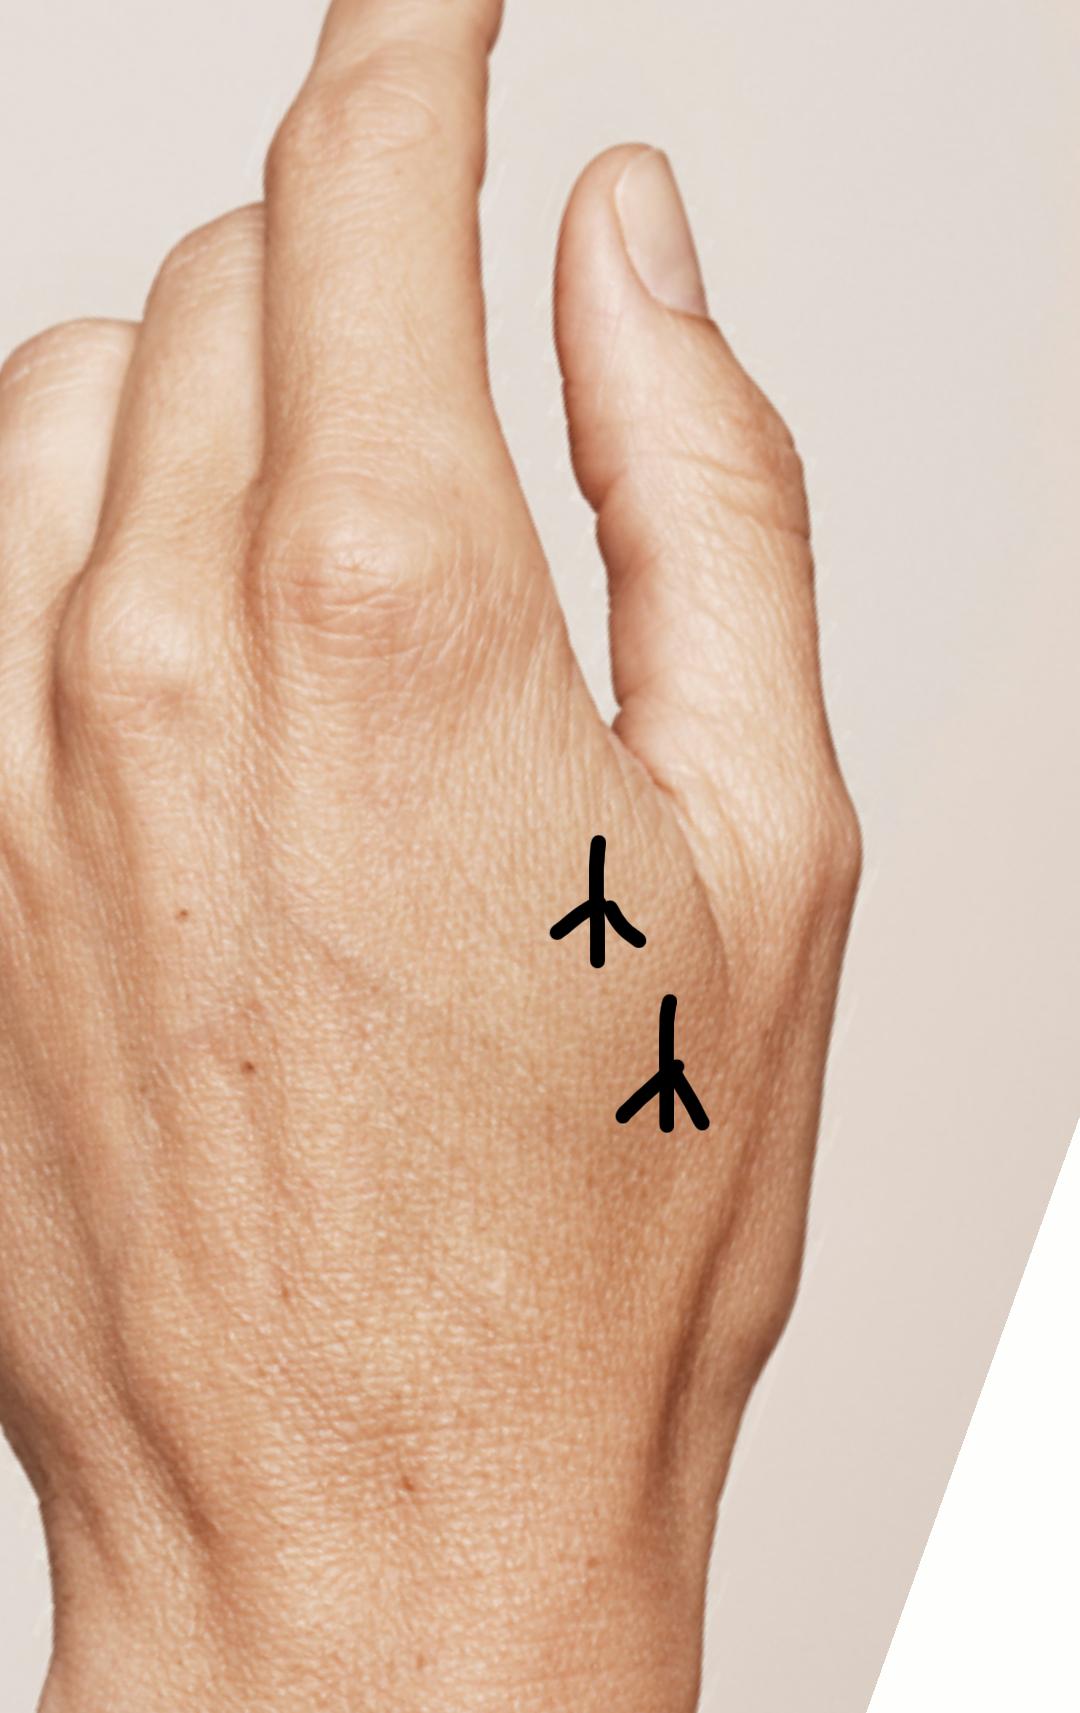 Co Znaczy Tatuaż Więzienny Odciski Ptasich łapek Na Dłoni